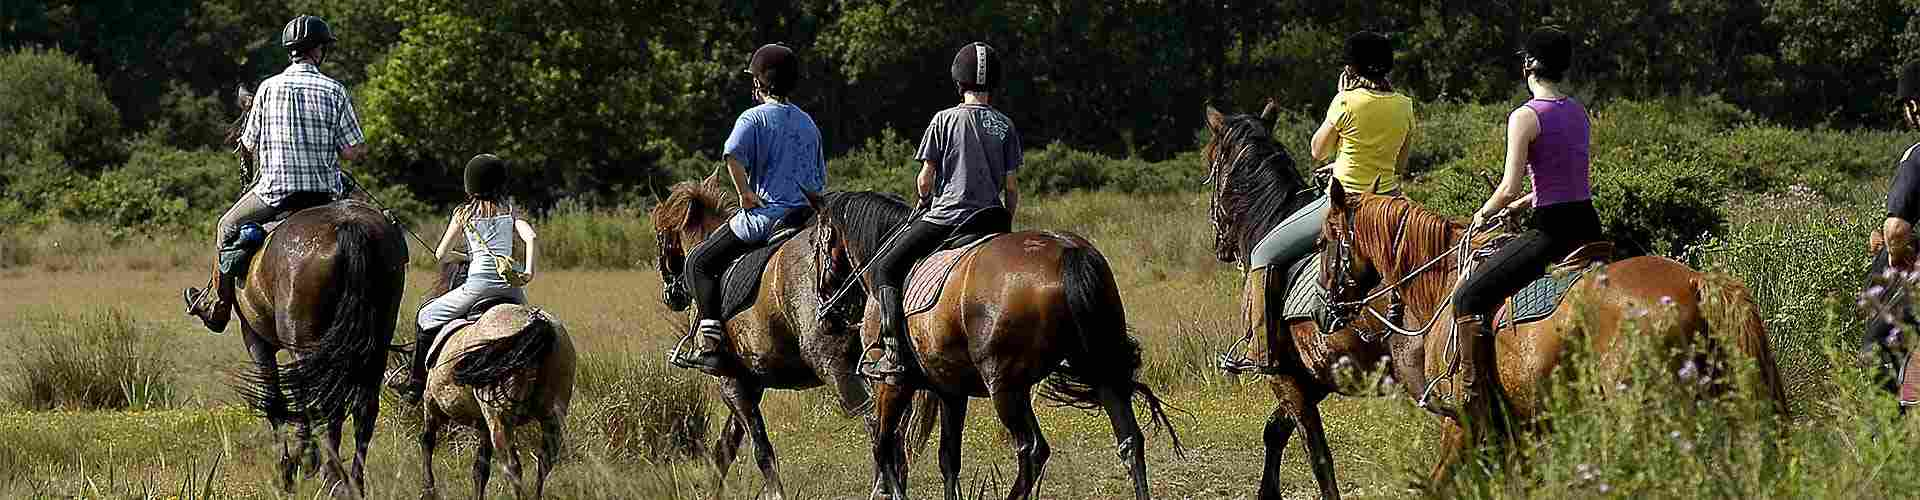 rutas en caballo en centrosdeportes de Alpedrete